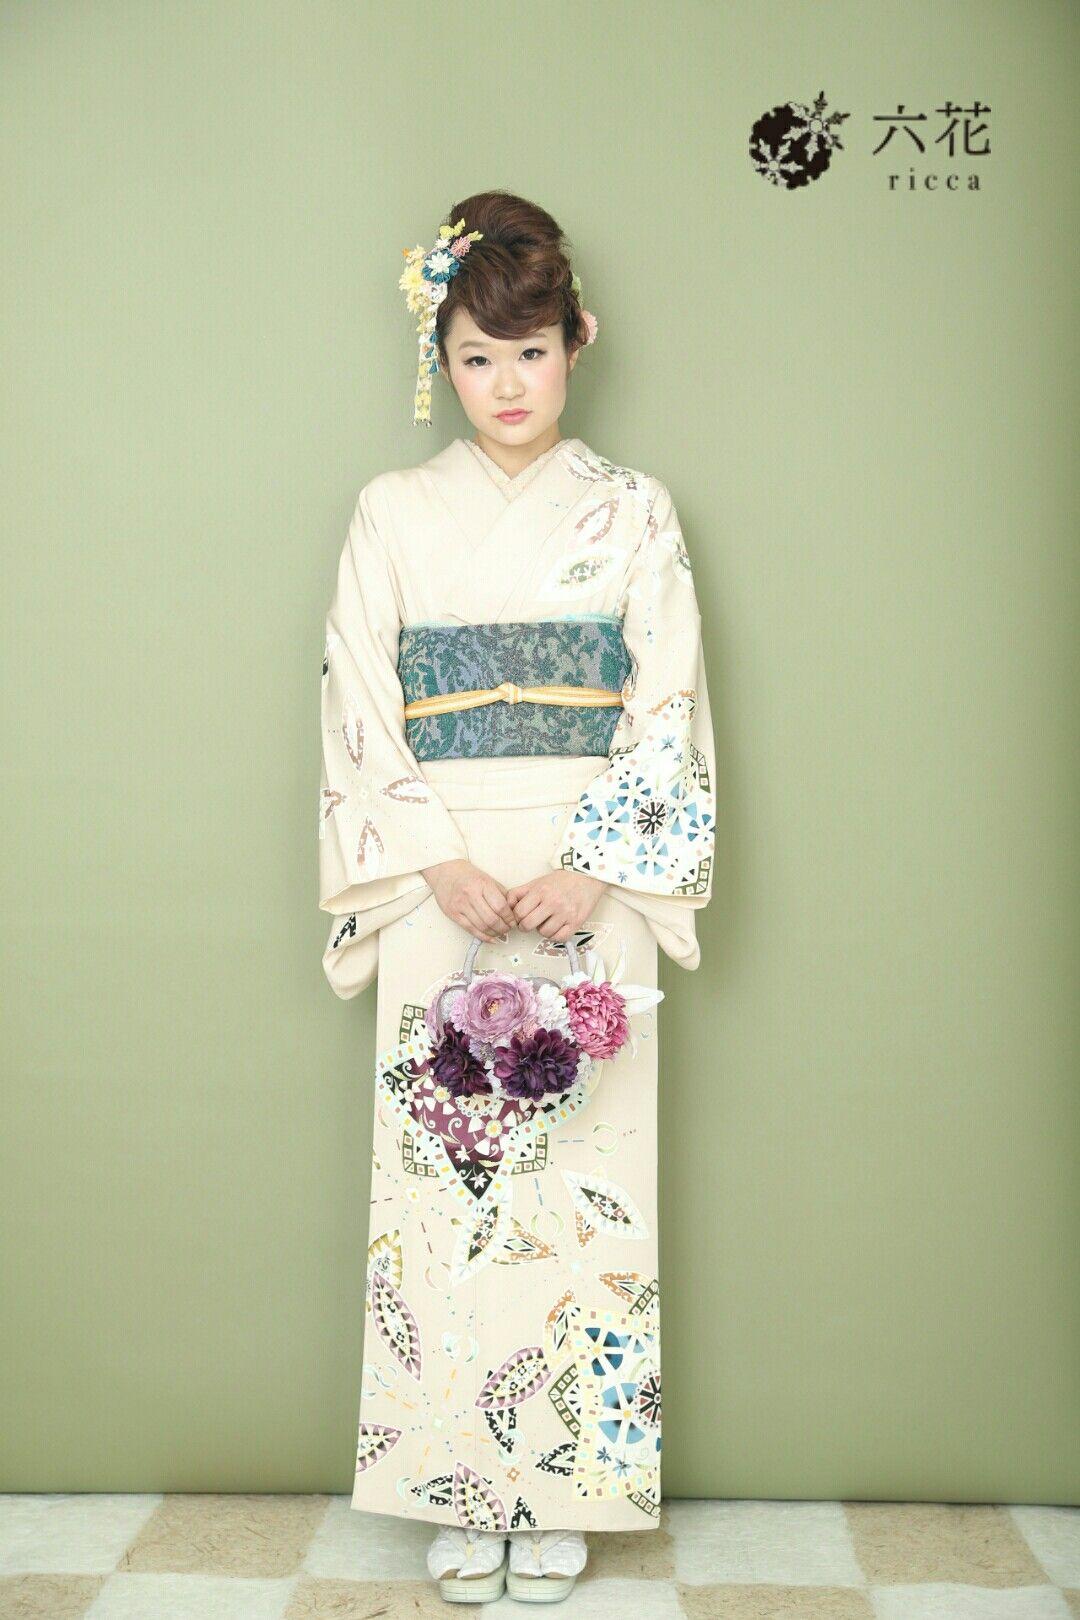 訪問着 六花オリジナル・シオノ手描き友禅訪問着 結婚式参列・パーティーなど